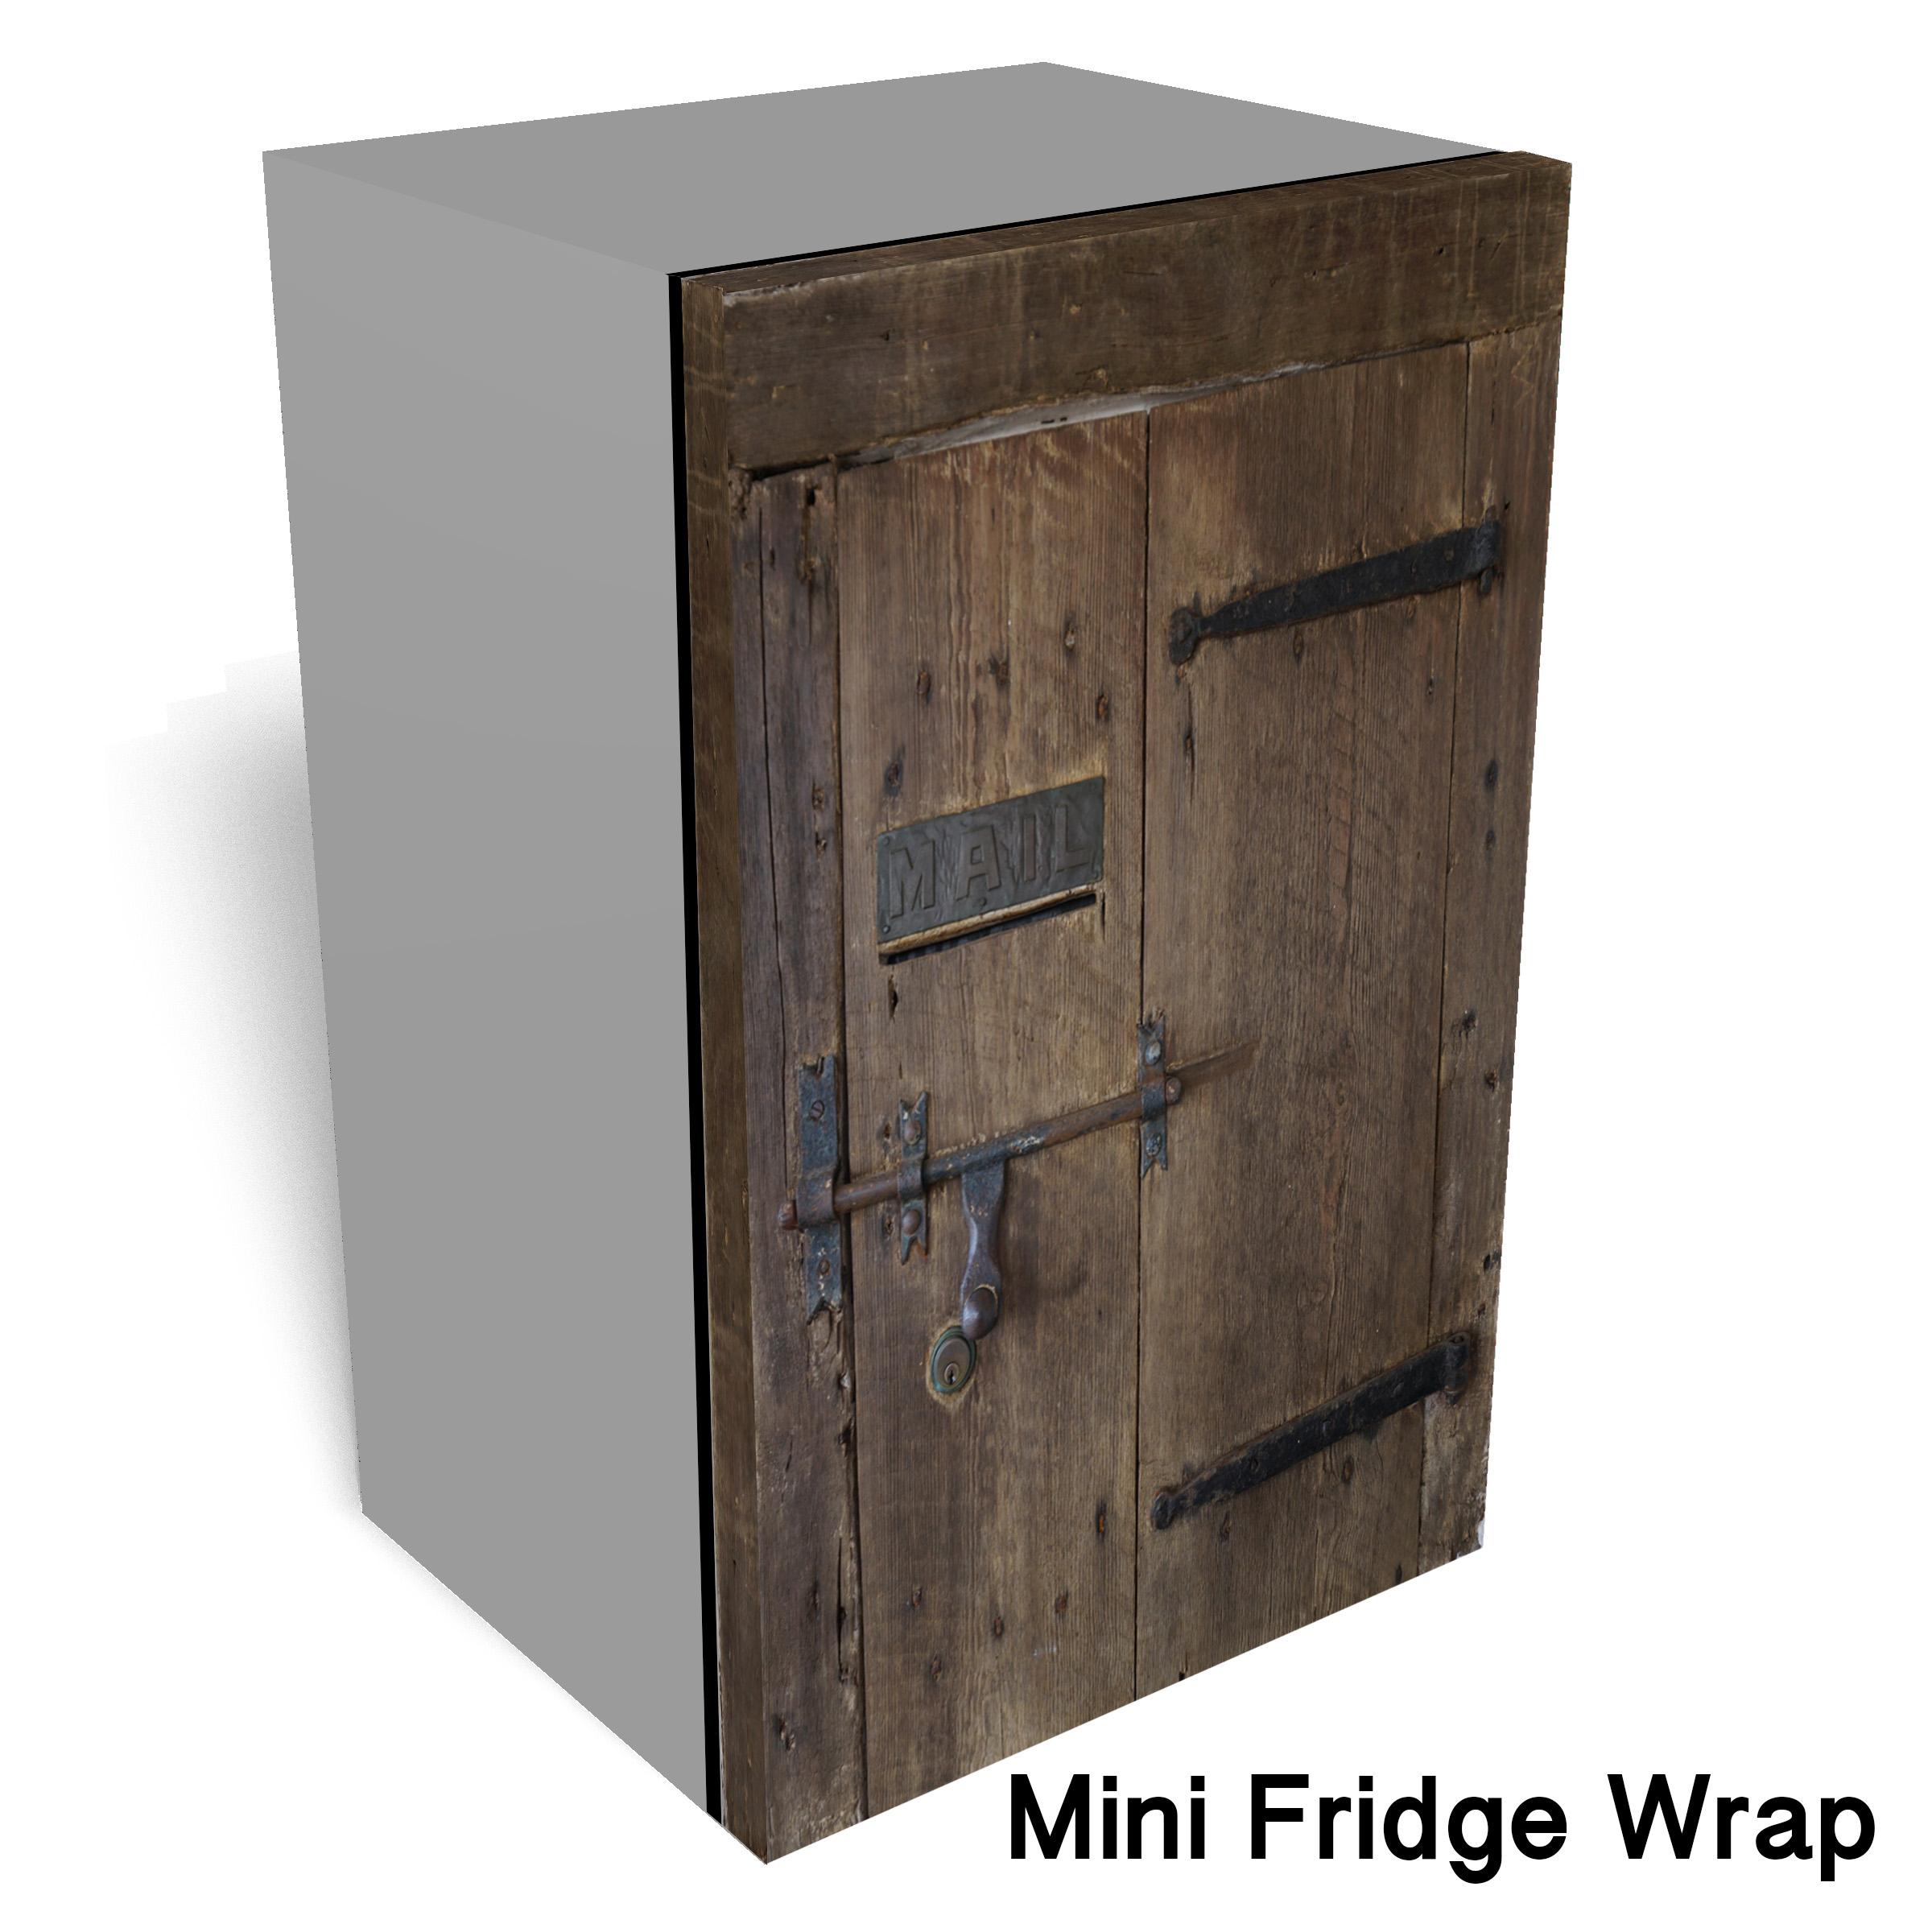 Mailbox wooden Mini fridge wrap